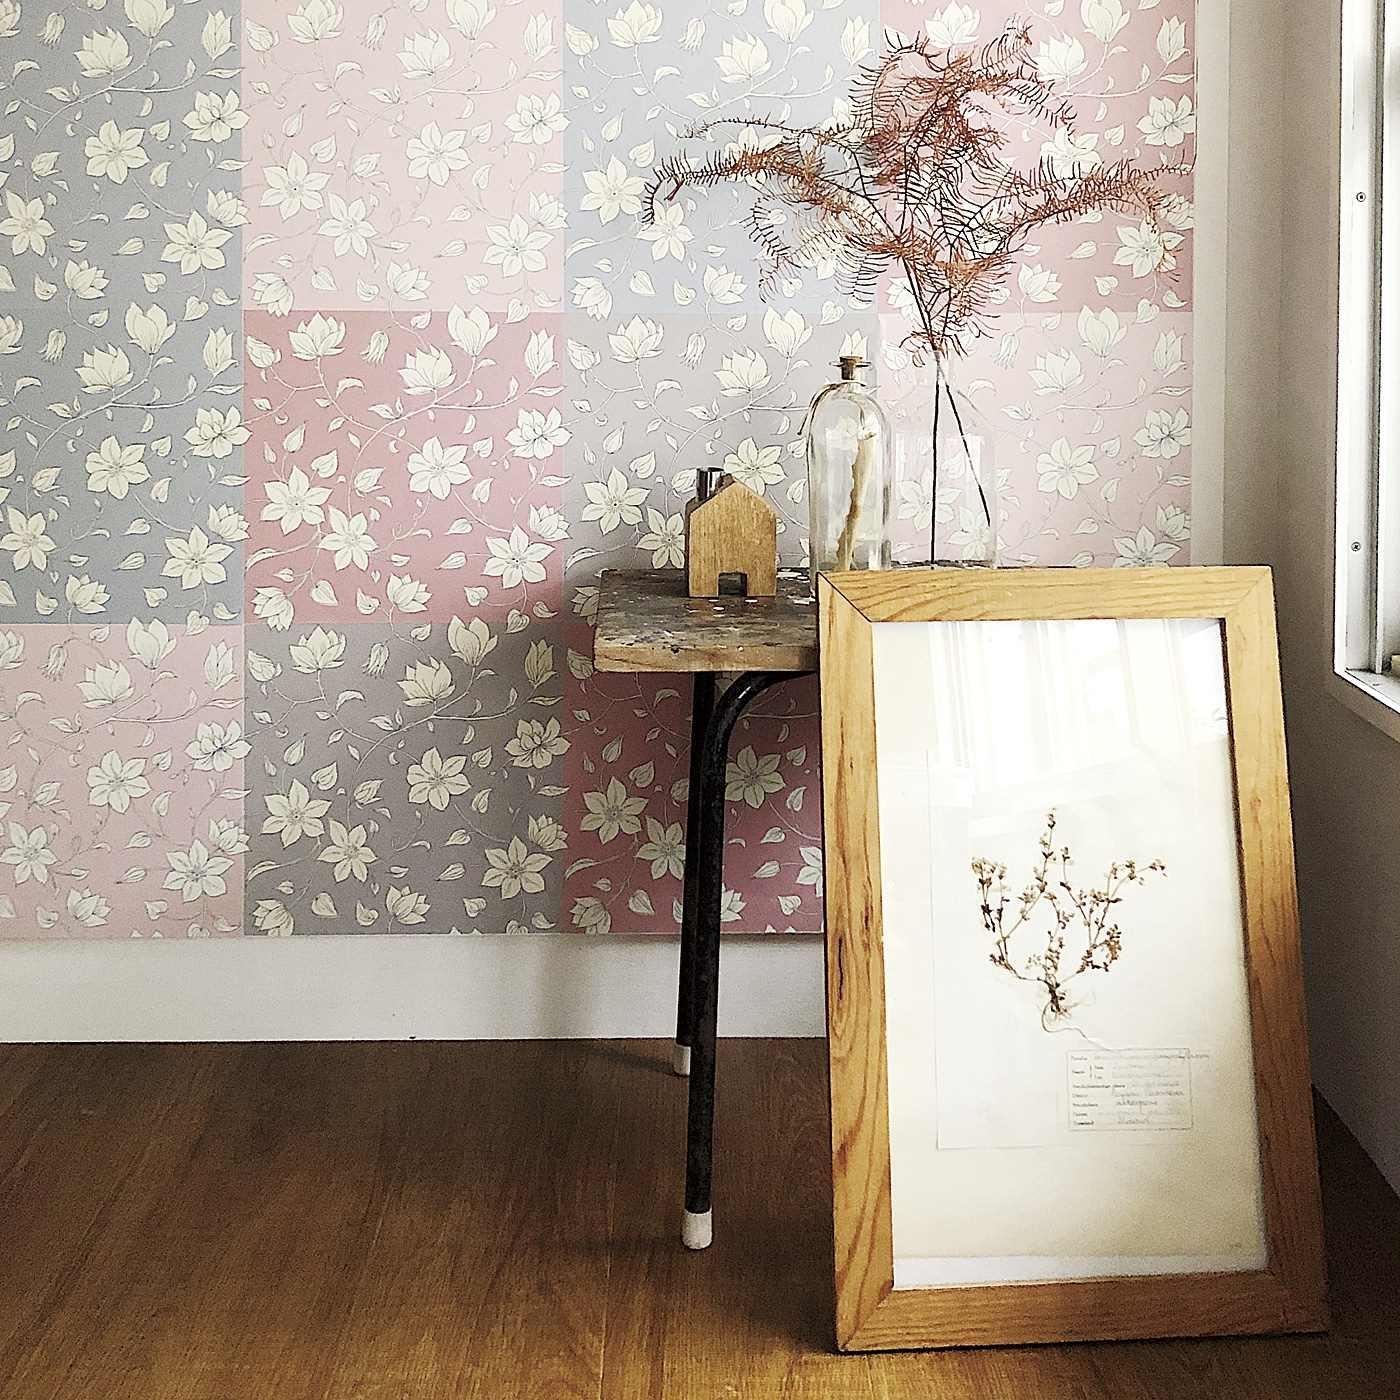 華やかな壁紙シールで部屋を明るく